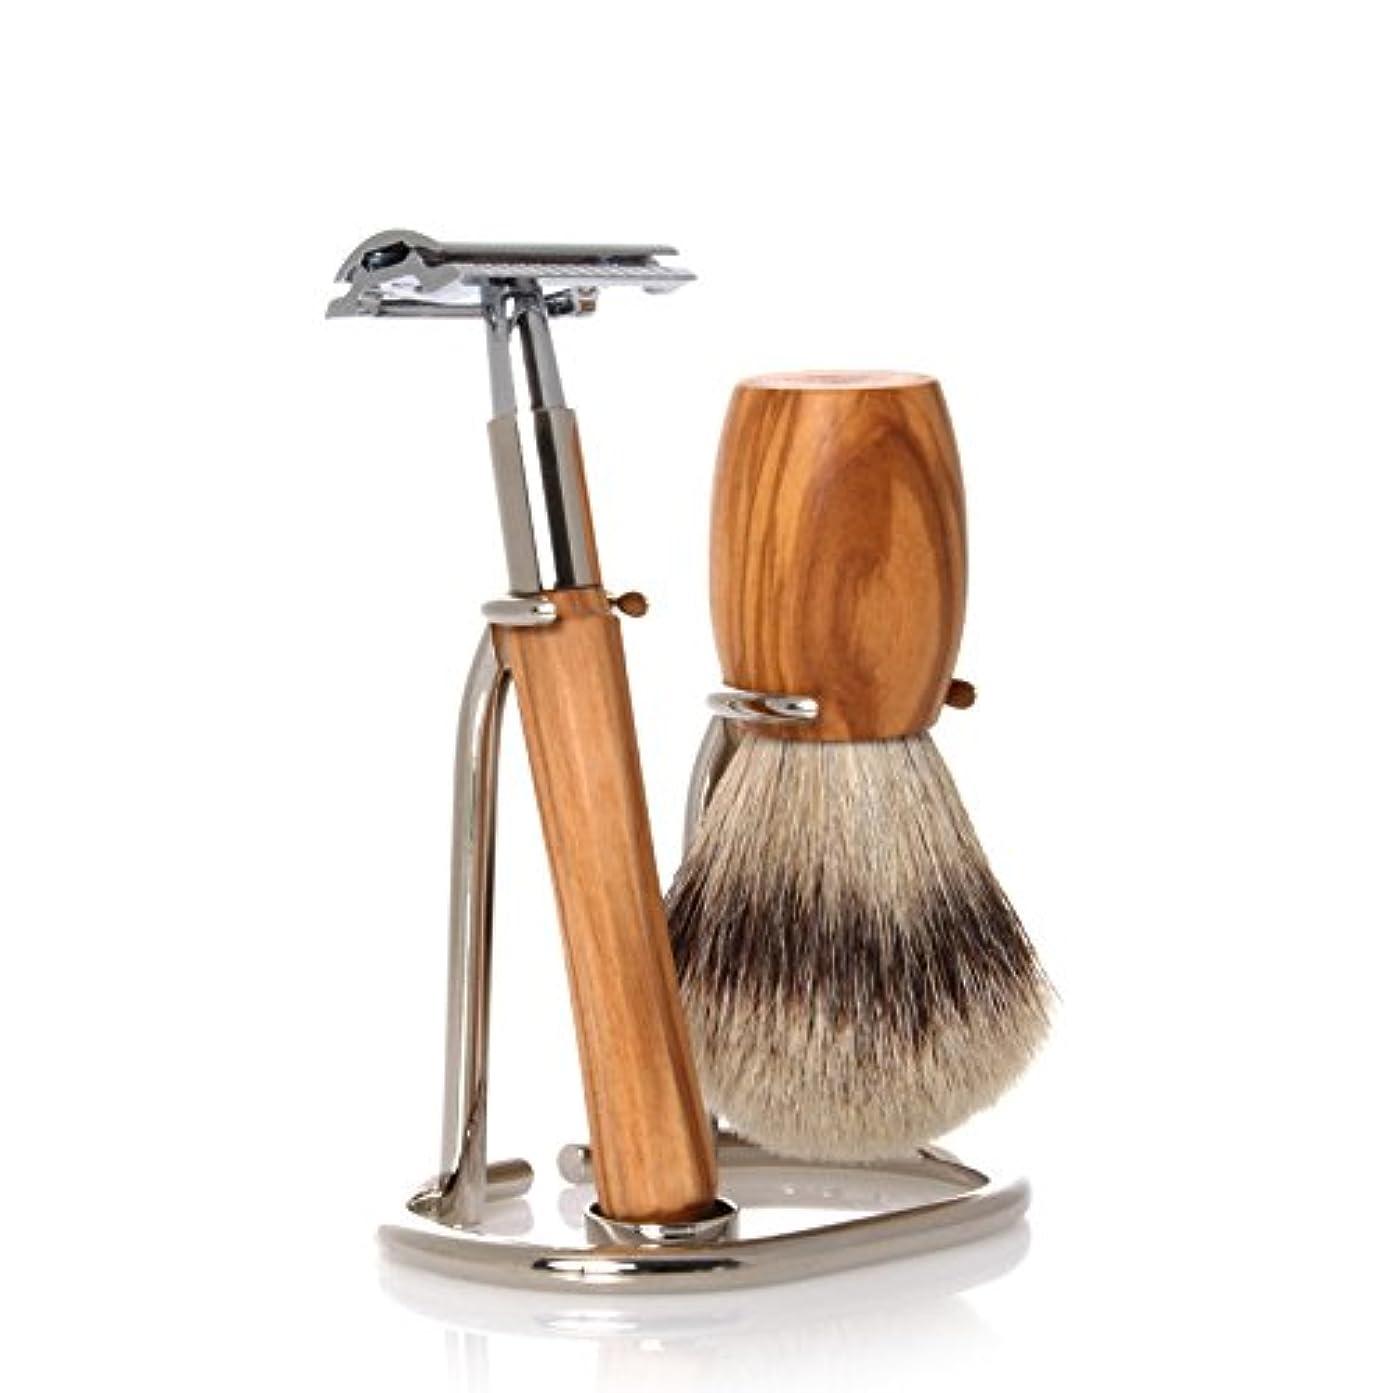 便利さ重なる水平GOLDDACHS Shaving Set, Safety razor, Silvertip, olive wood